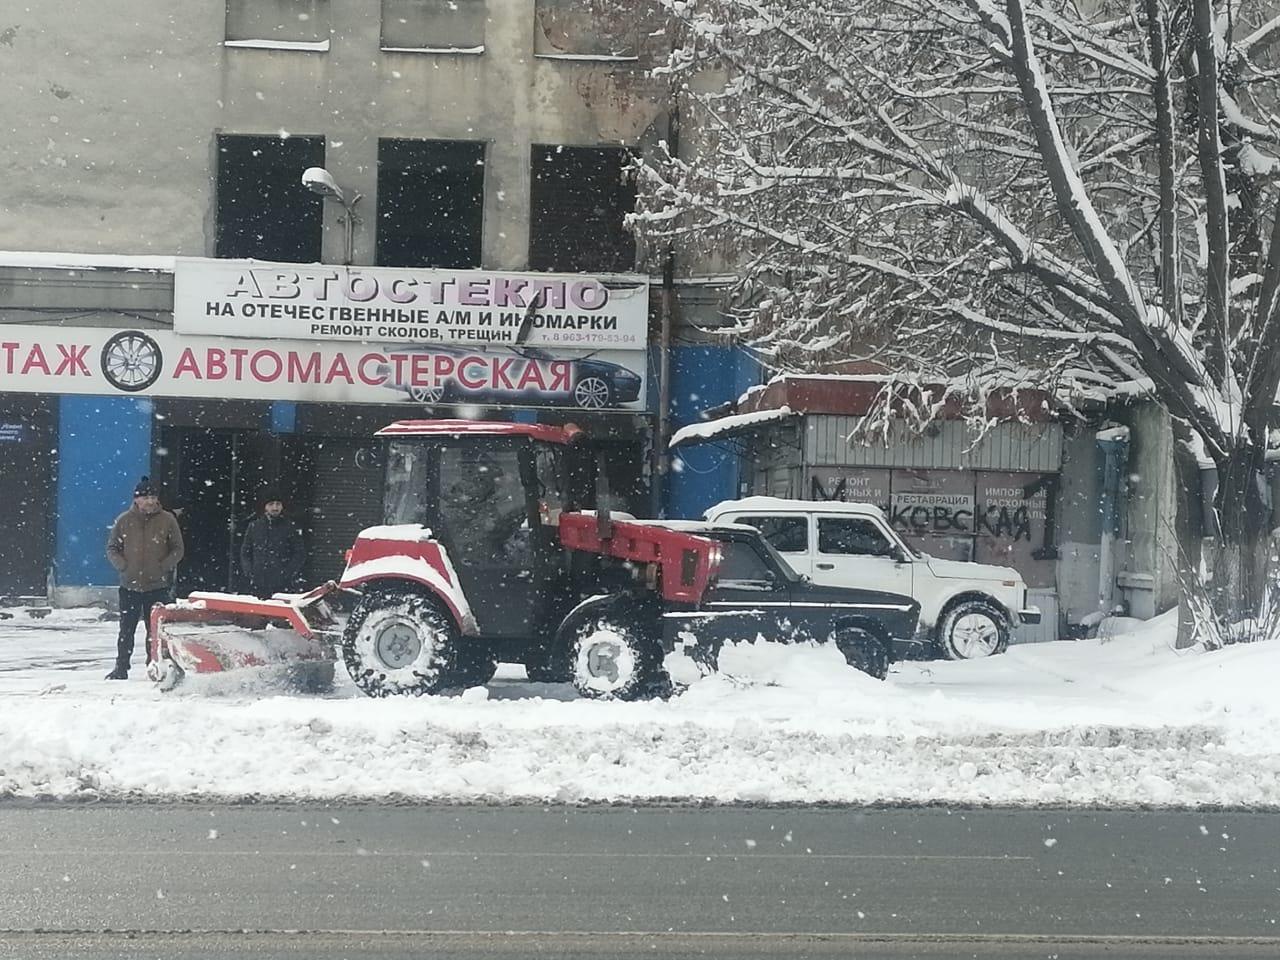 Коммунальные службы Владикавказа продолжают уборку снега